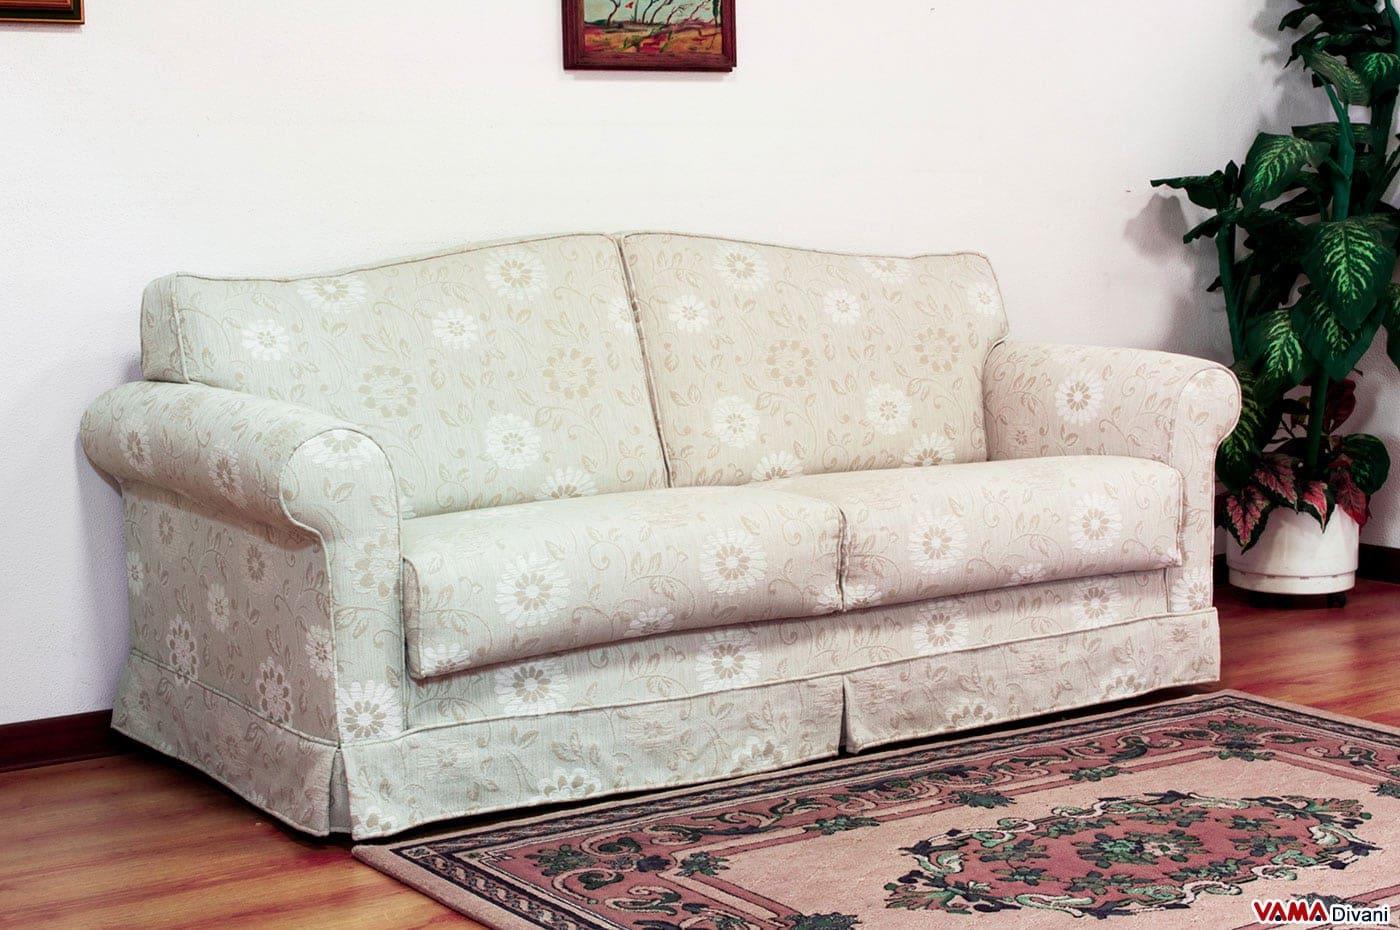 Divano letto matrimoniale classico in tessuto - Ovvio divani letto ...